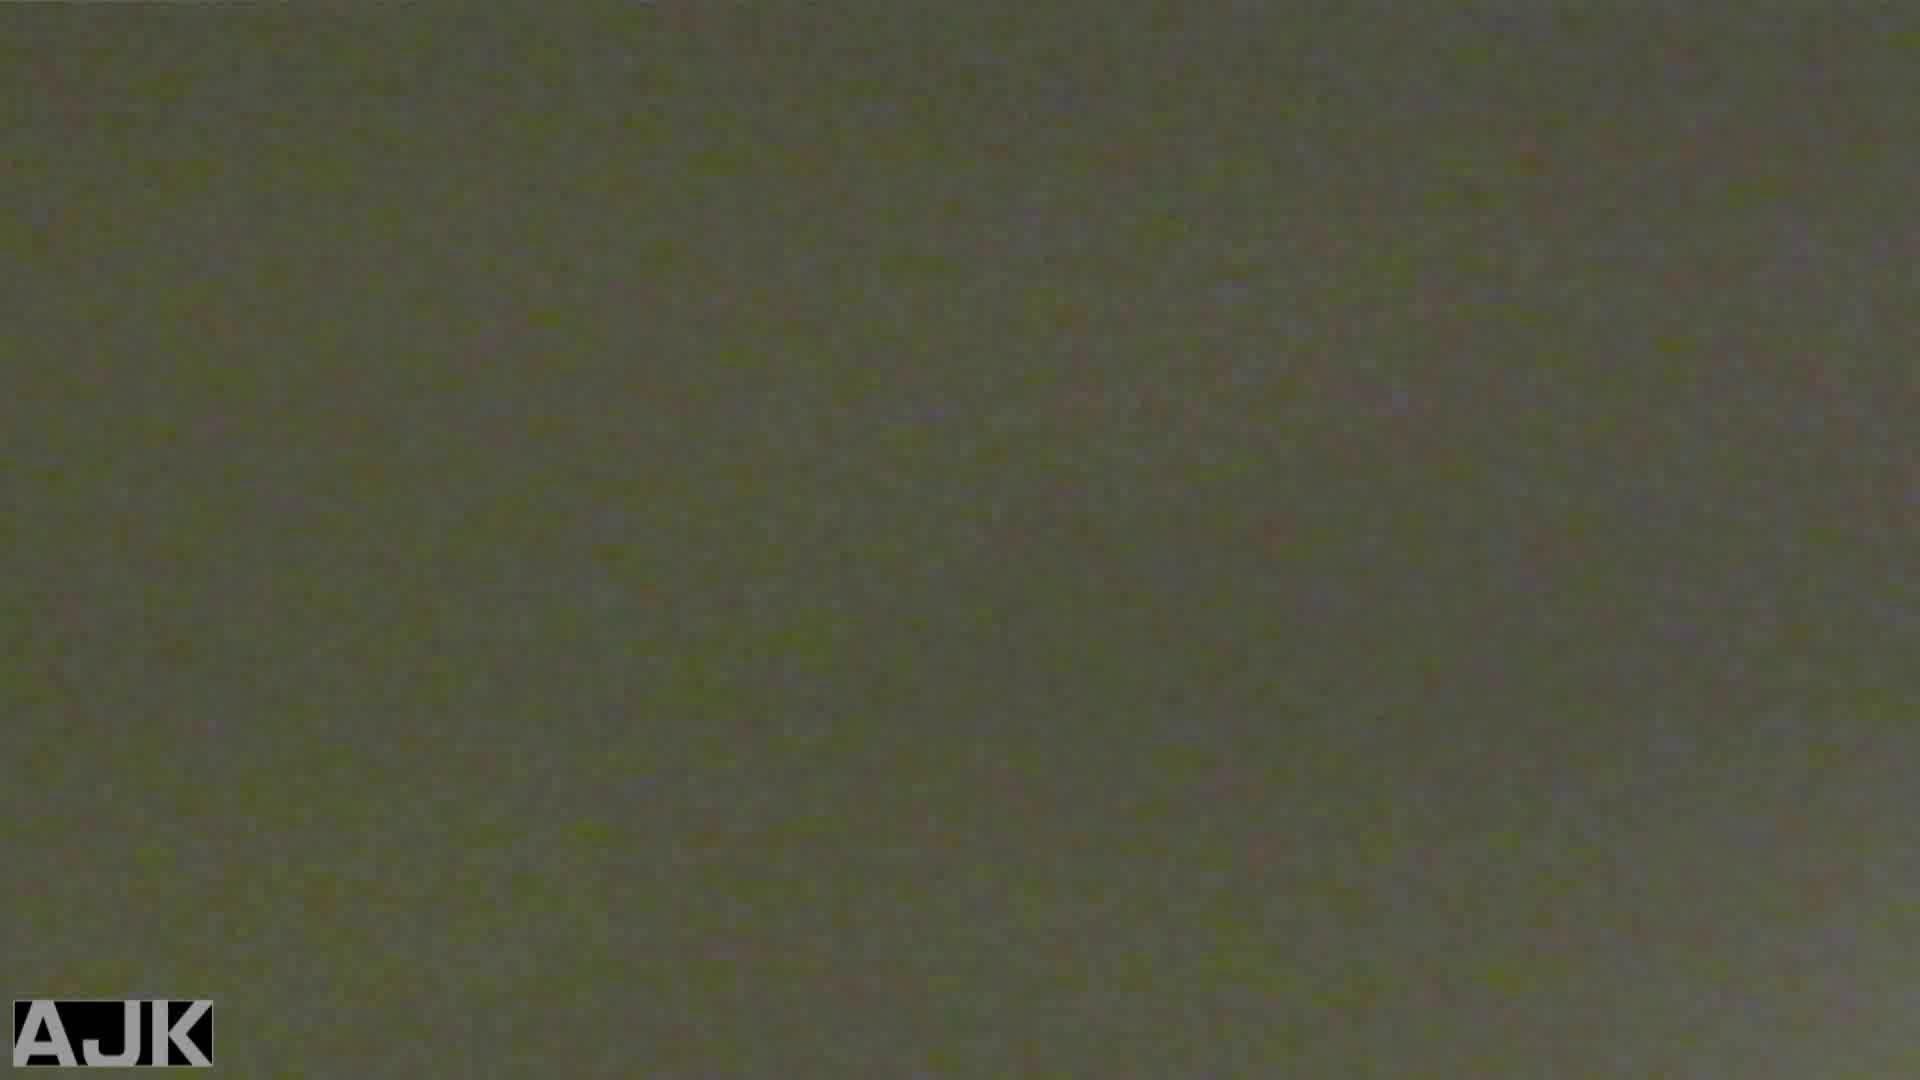 神降臨!史上最強の潜入かわや! vol.16 美しいOLの裸体  106pic 56